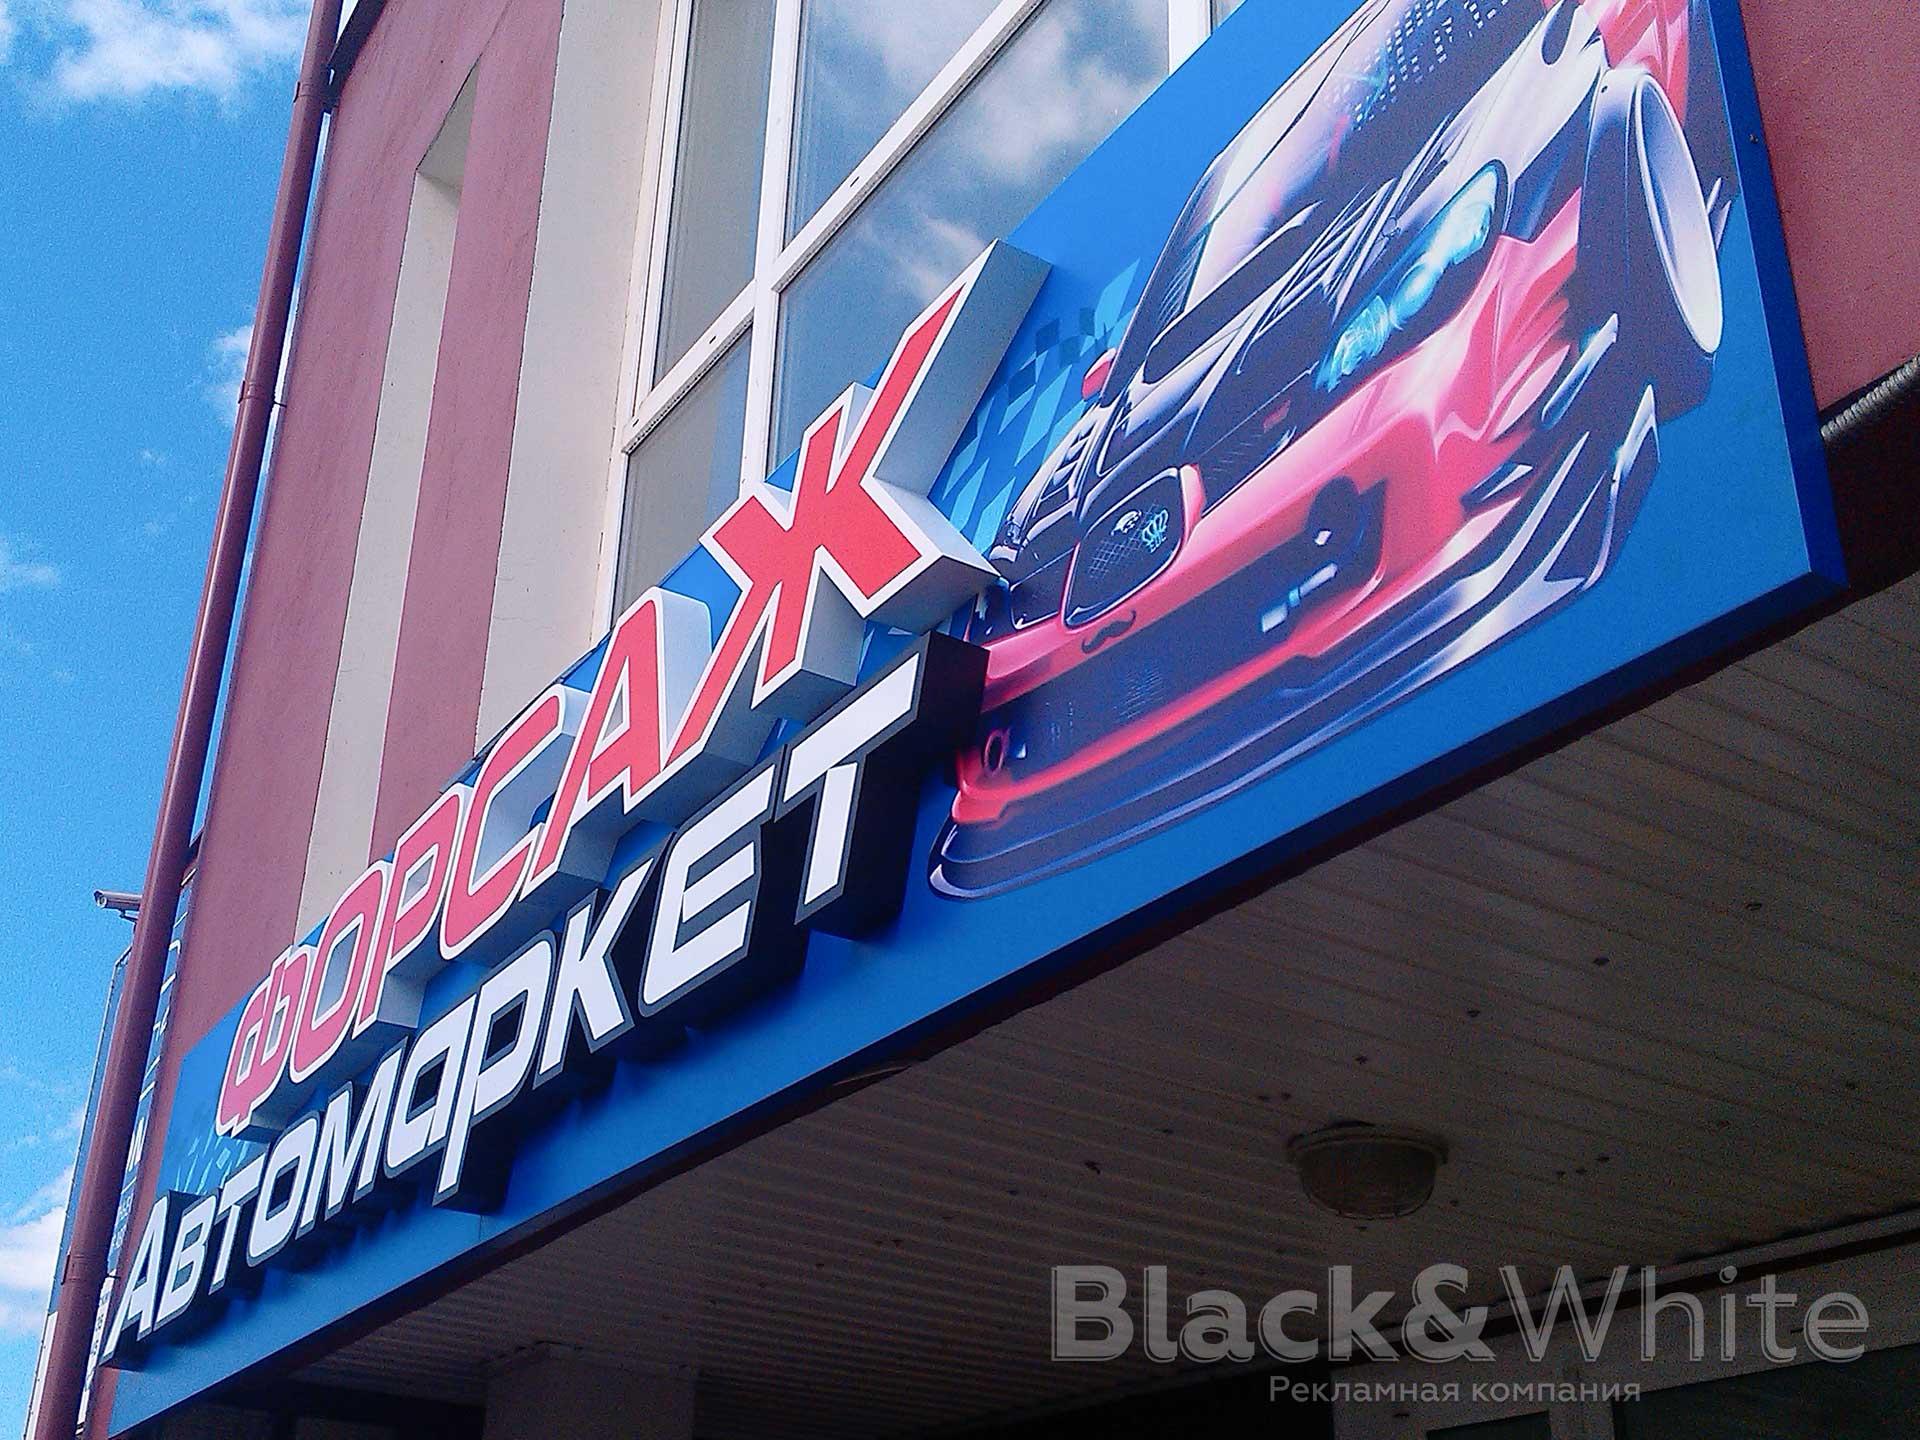 Вывеска-с-объёмными-не-световыми-буквами-изготовление-в-Красноярске-Black&White.jpg